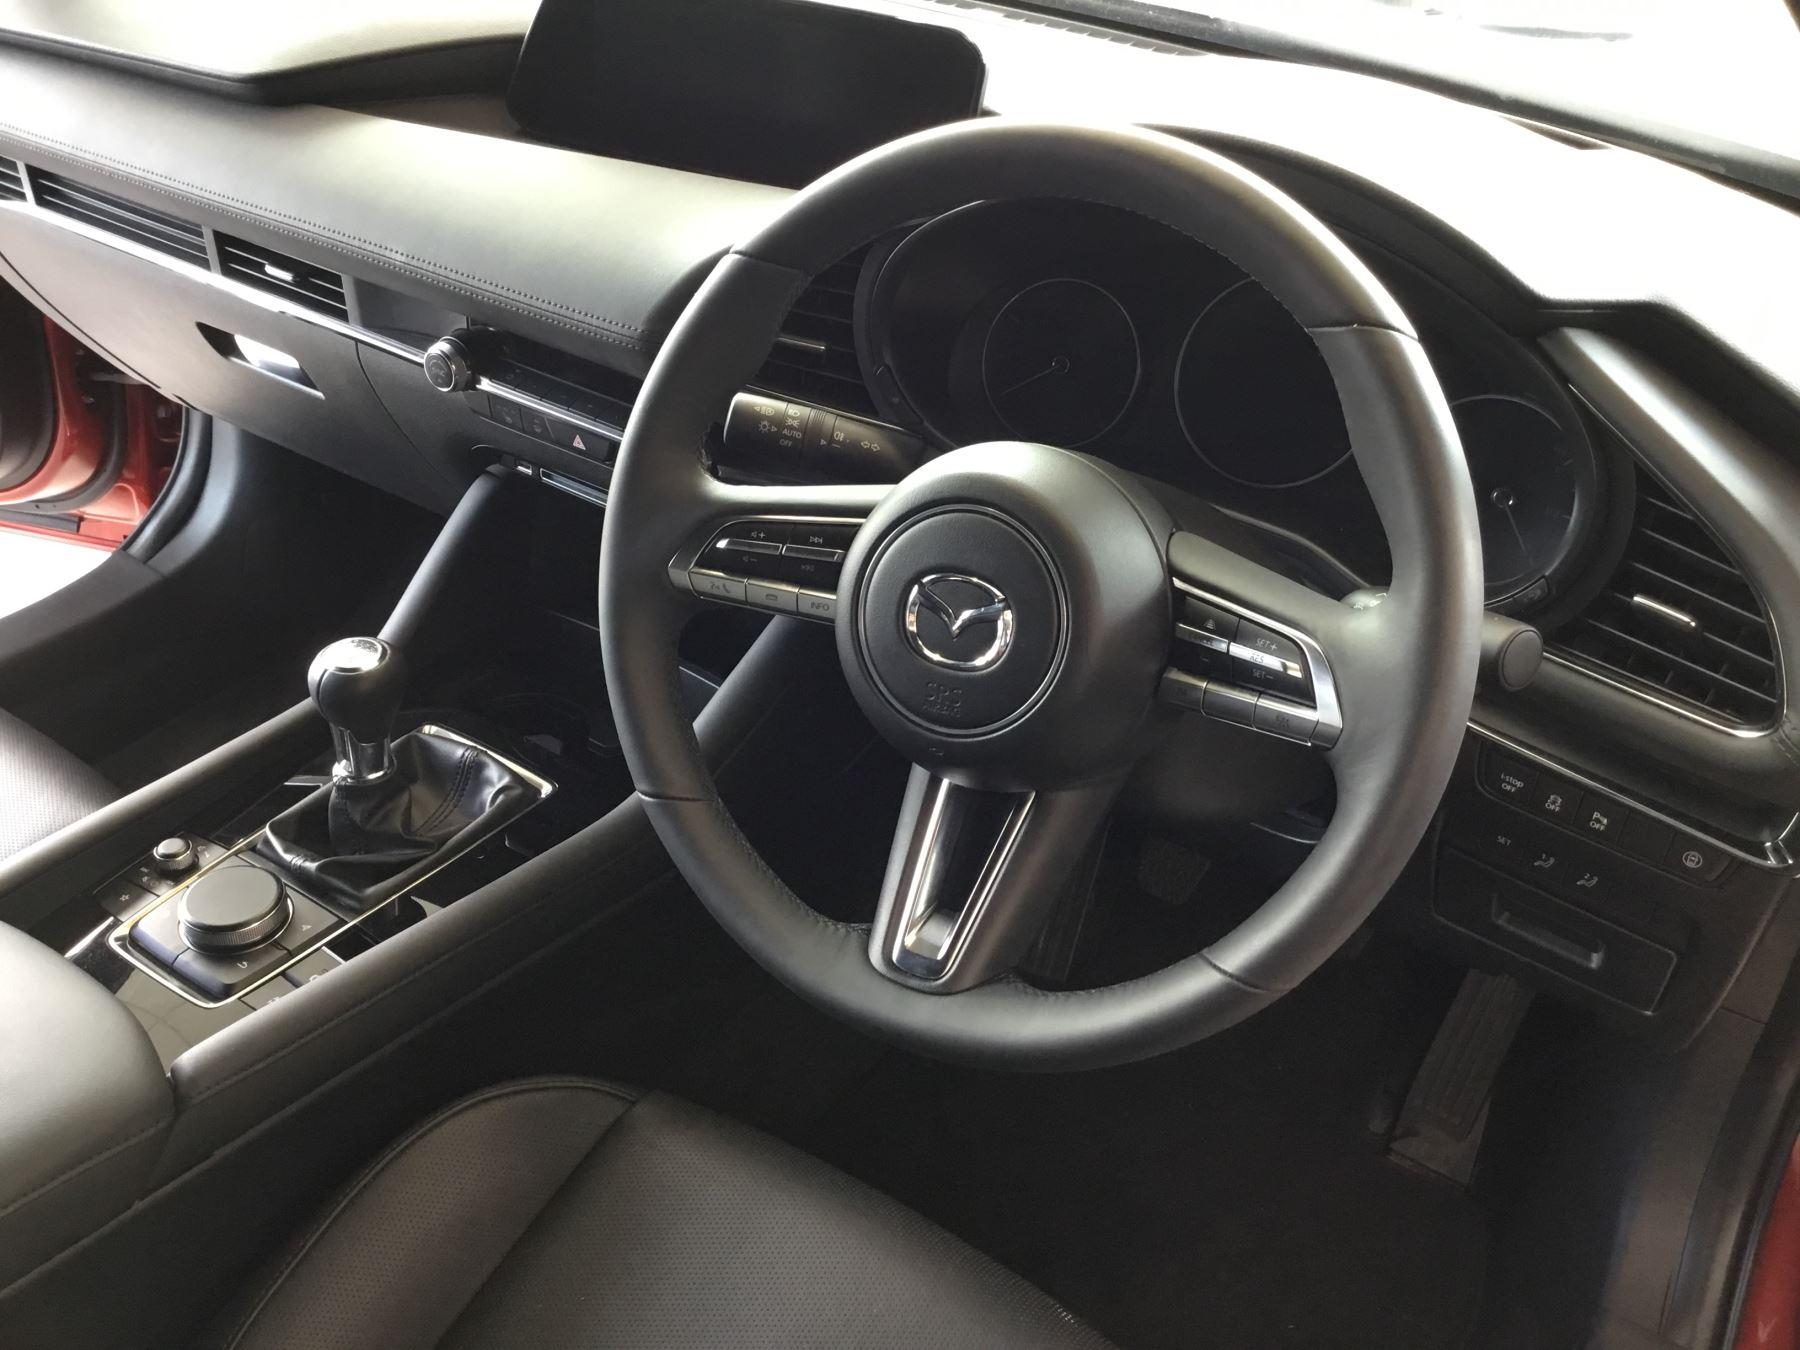 Mazda 3 2.0 GT Sport 5dr image 12